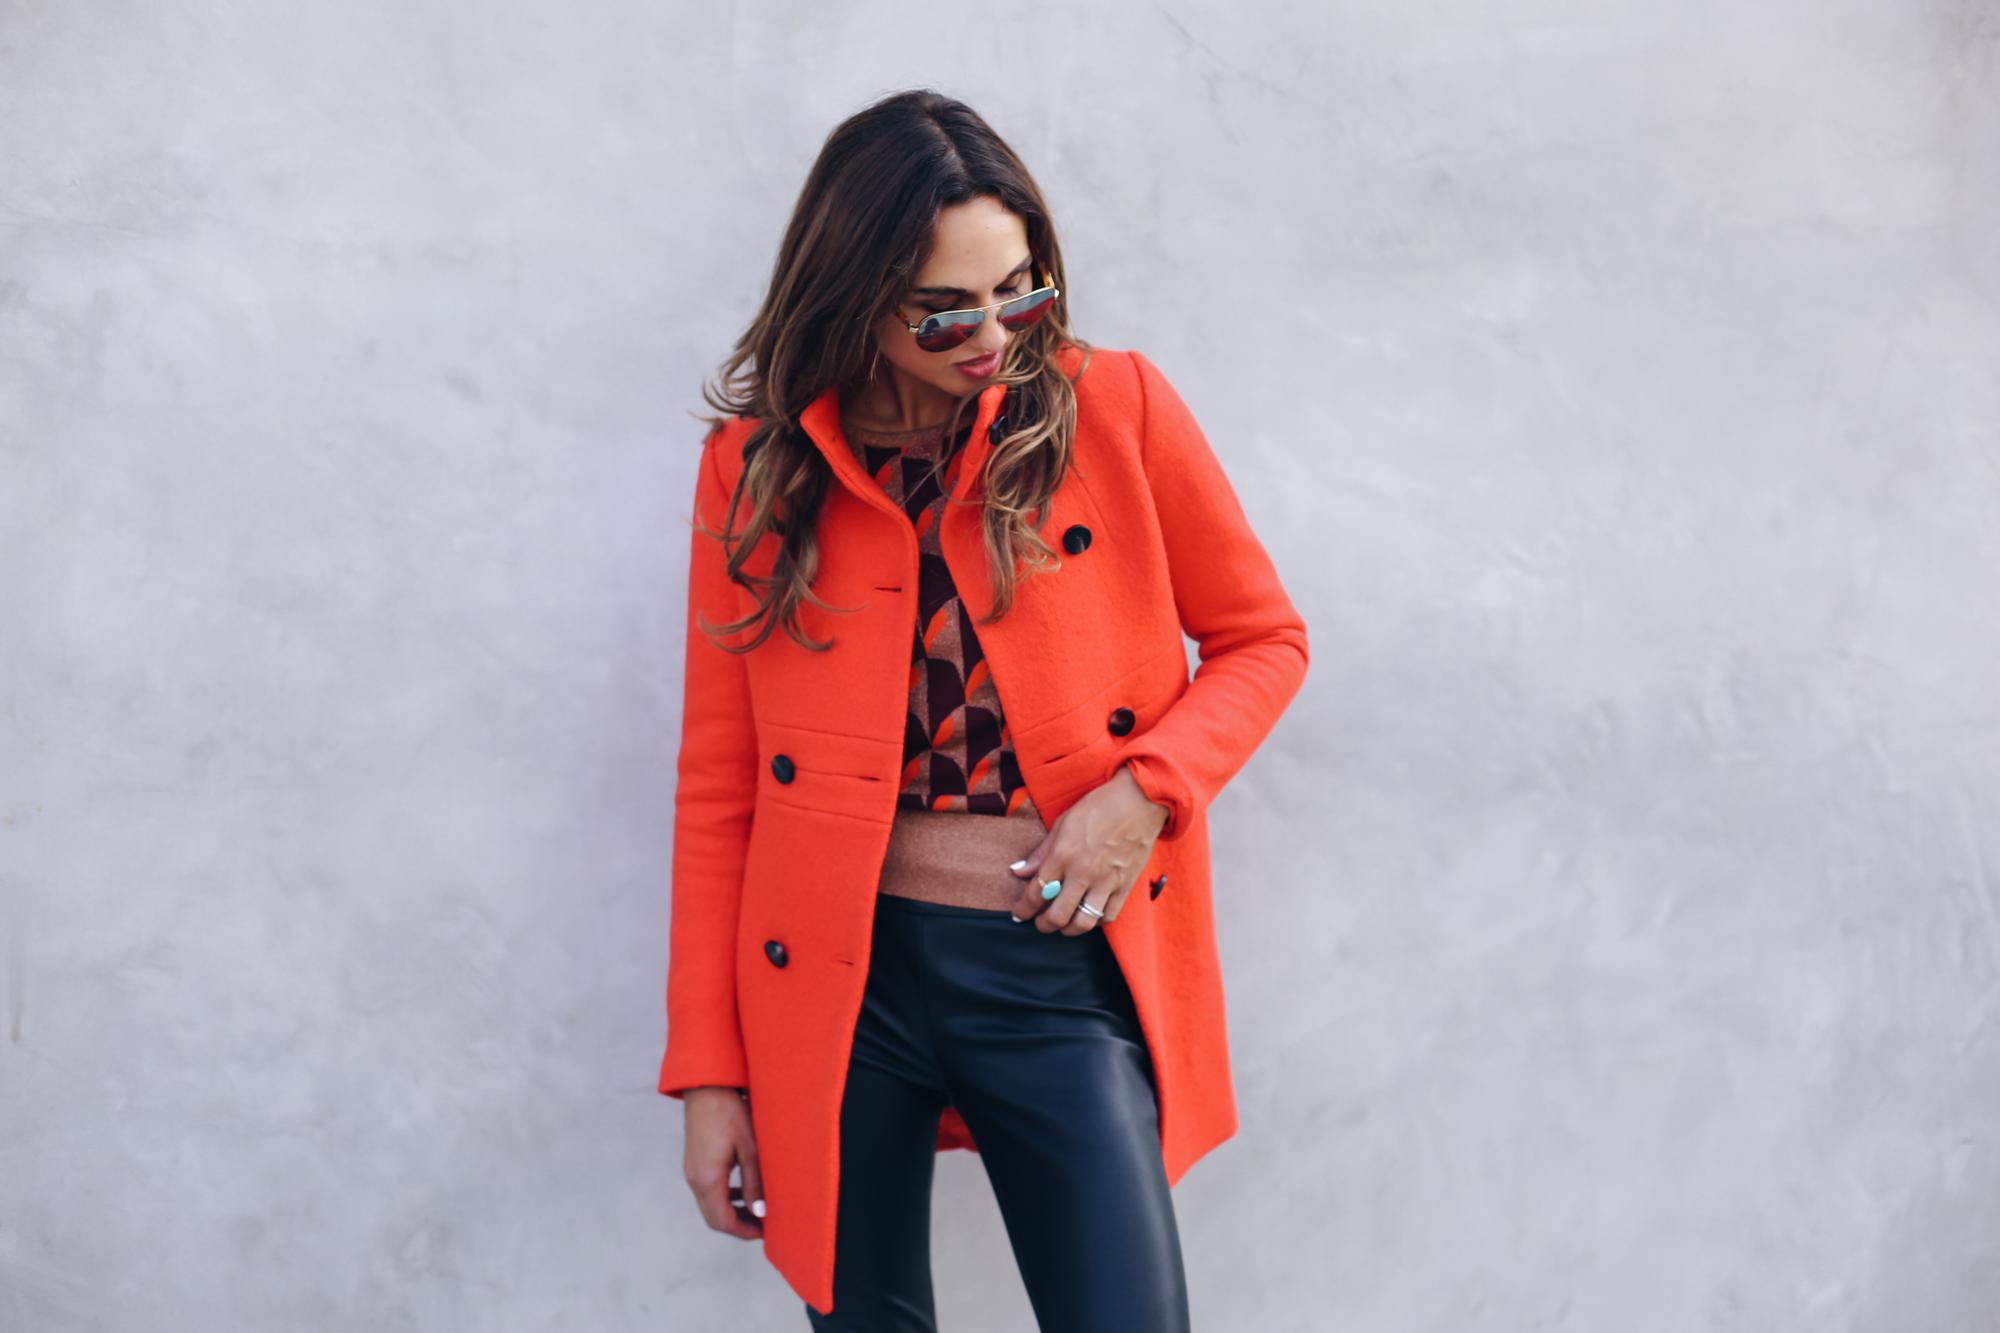 1-orange-jacket-ann-taylor-shalice-noel-ryanbyryanchua-7942